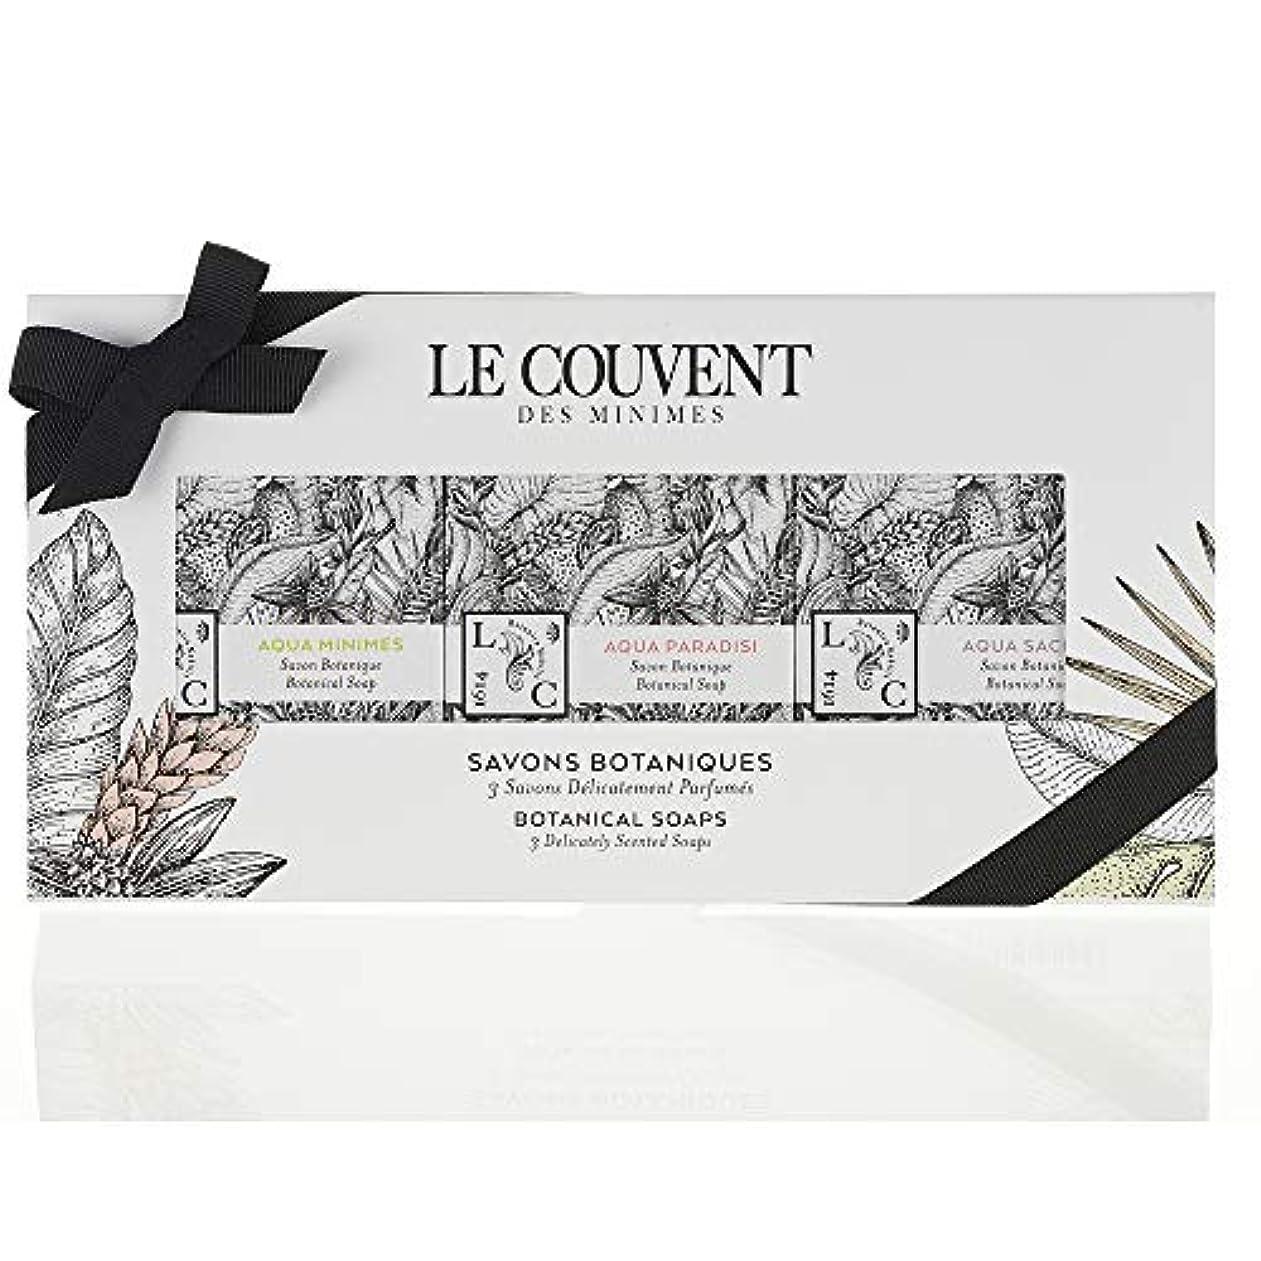 みがきます名義で節約クヴォン?デ?ミニム(Le Couvent des Minimes) ボタニカル ソープセット 石鹸 アクアミニム ボタニカルソープ、アクアパラディシ ボタニカルソープ、アクアサクラエ ボタニカルソープ各50g